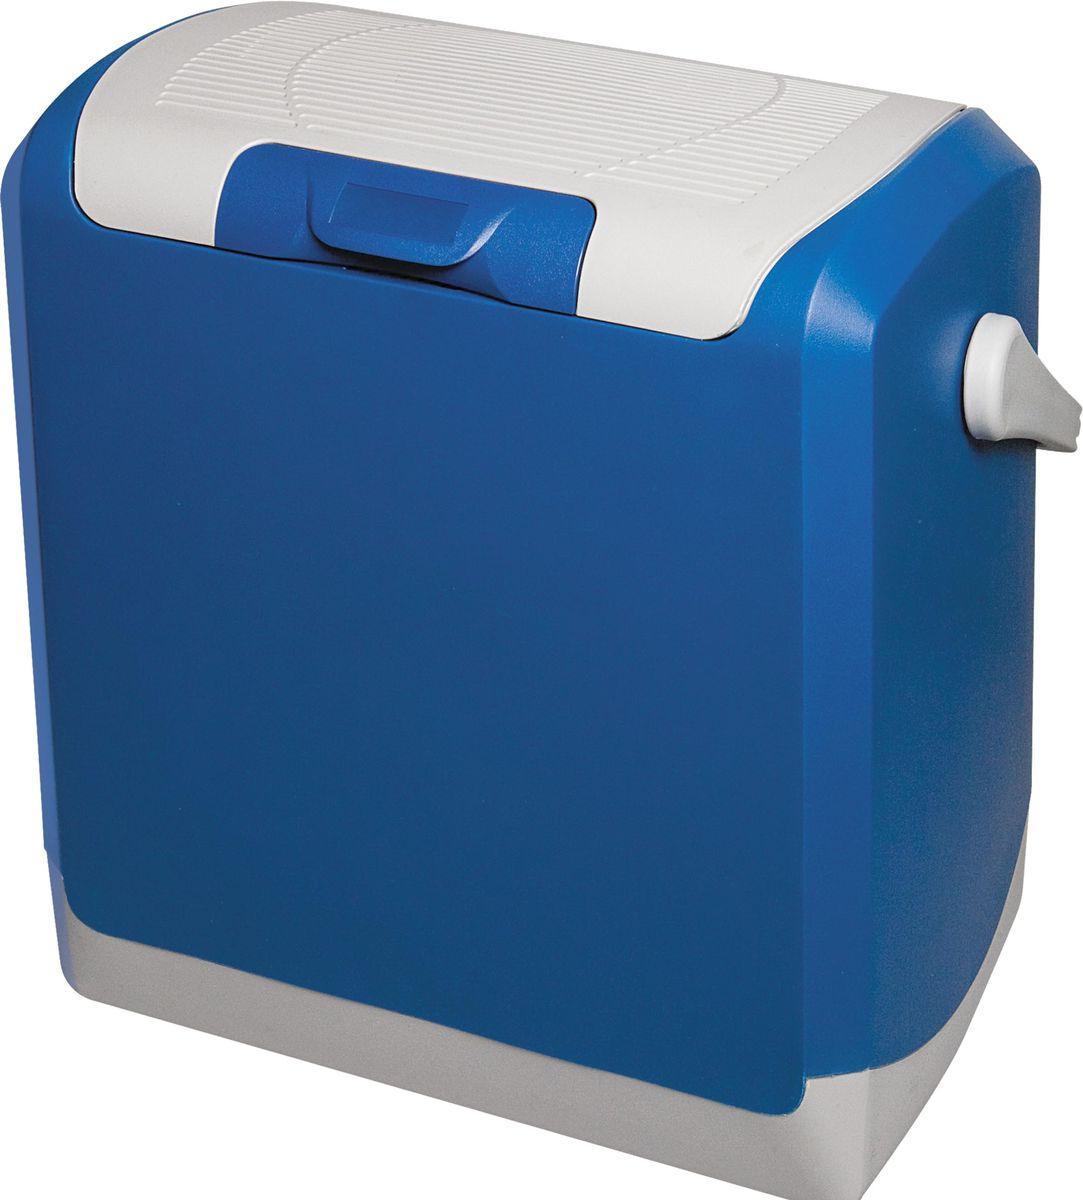 Холодильник-подогреватель термоэлектрический Zipower, 14л, 12В, 40Вт. PM 5047S28 DCСумка-холодильник предназначена для сохранения продуктов и напитков прохладными в жаркую погоду. Максимальное охлаждение: 18–25 °C ниже температуры окружающей среды.Работа от бортовой сети автомобиля 12 вольт.Модель оснащена интеллектуальной системой энергосбережения. Система управления питанием выберет нужный режим охлаждения и переведет автохолодильник в режим пониженного энергопотребления. Внутренняя камера изготовлена из экологически чистого пластика, допускается к контакту с пищевыми продуктами и соответствует экологическим стандартам и нормативам. Конструкция крышки и форм-фактор внутренней части корпуса позволяют разместить в вертикальном положении внутри камеры бутылки объемом до 2 литров.Напряжение: 12 ВМаксимальный нагрев: до 65 °CМощность охлаждения/нагрева: 40 ВтОбъем: 14 лРазмеры: 383 х 254 х 425 ммВес: 3,5 кгВерхнее расположение вентилятораПодключается к бытовой сети через адаптер РМ0515 (поставляетсяотдельно)